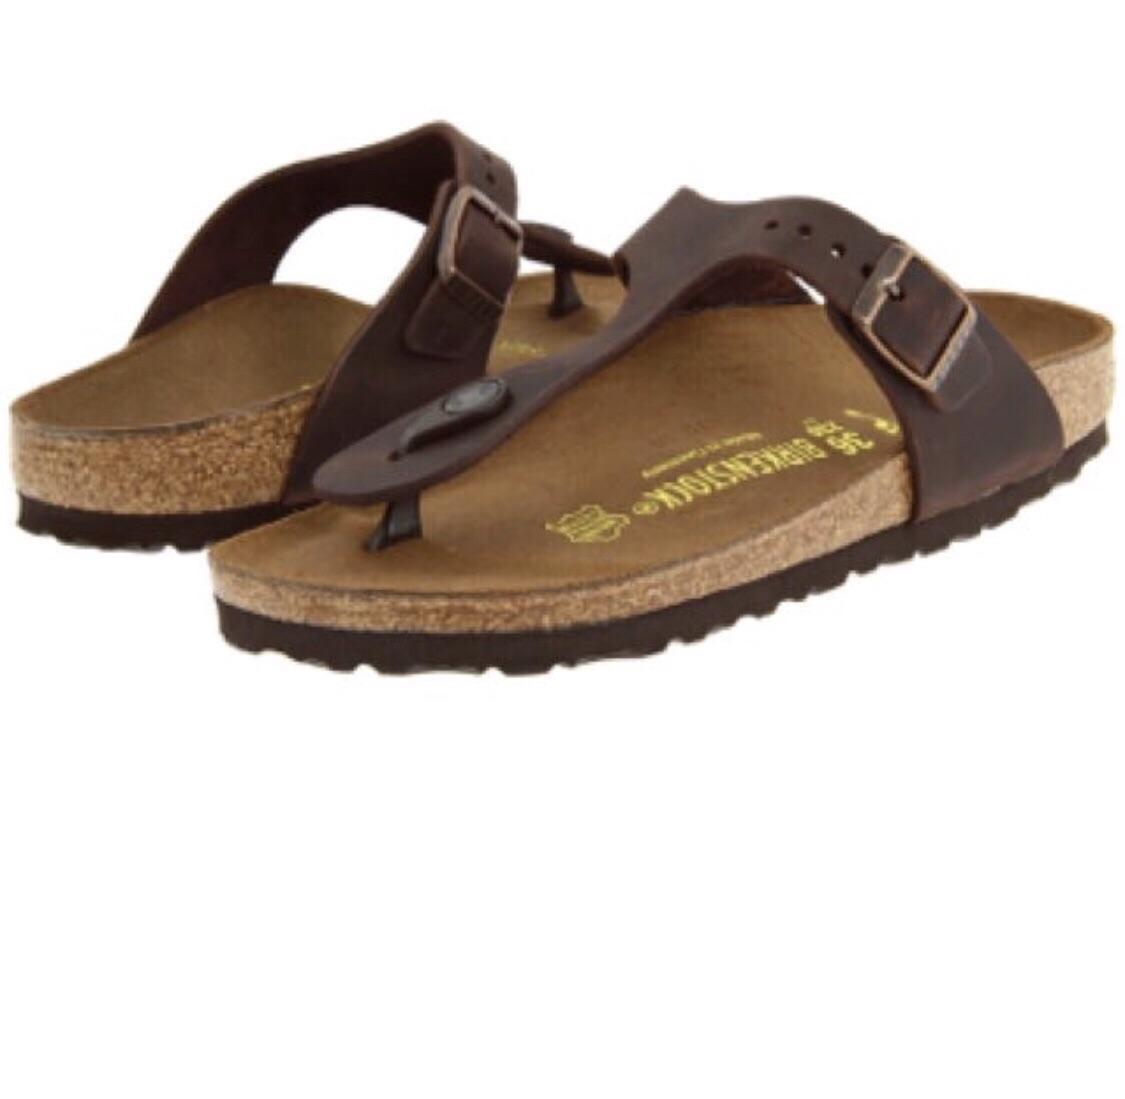 f36672c4f Buy Birkenstock Sandals Online | Footwears | Lazada